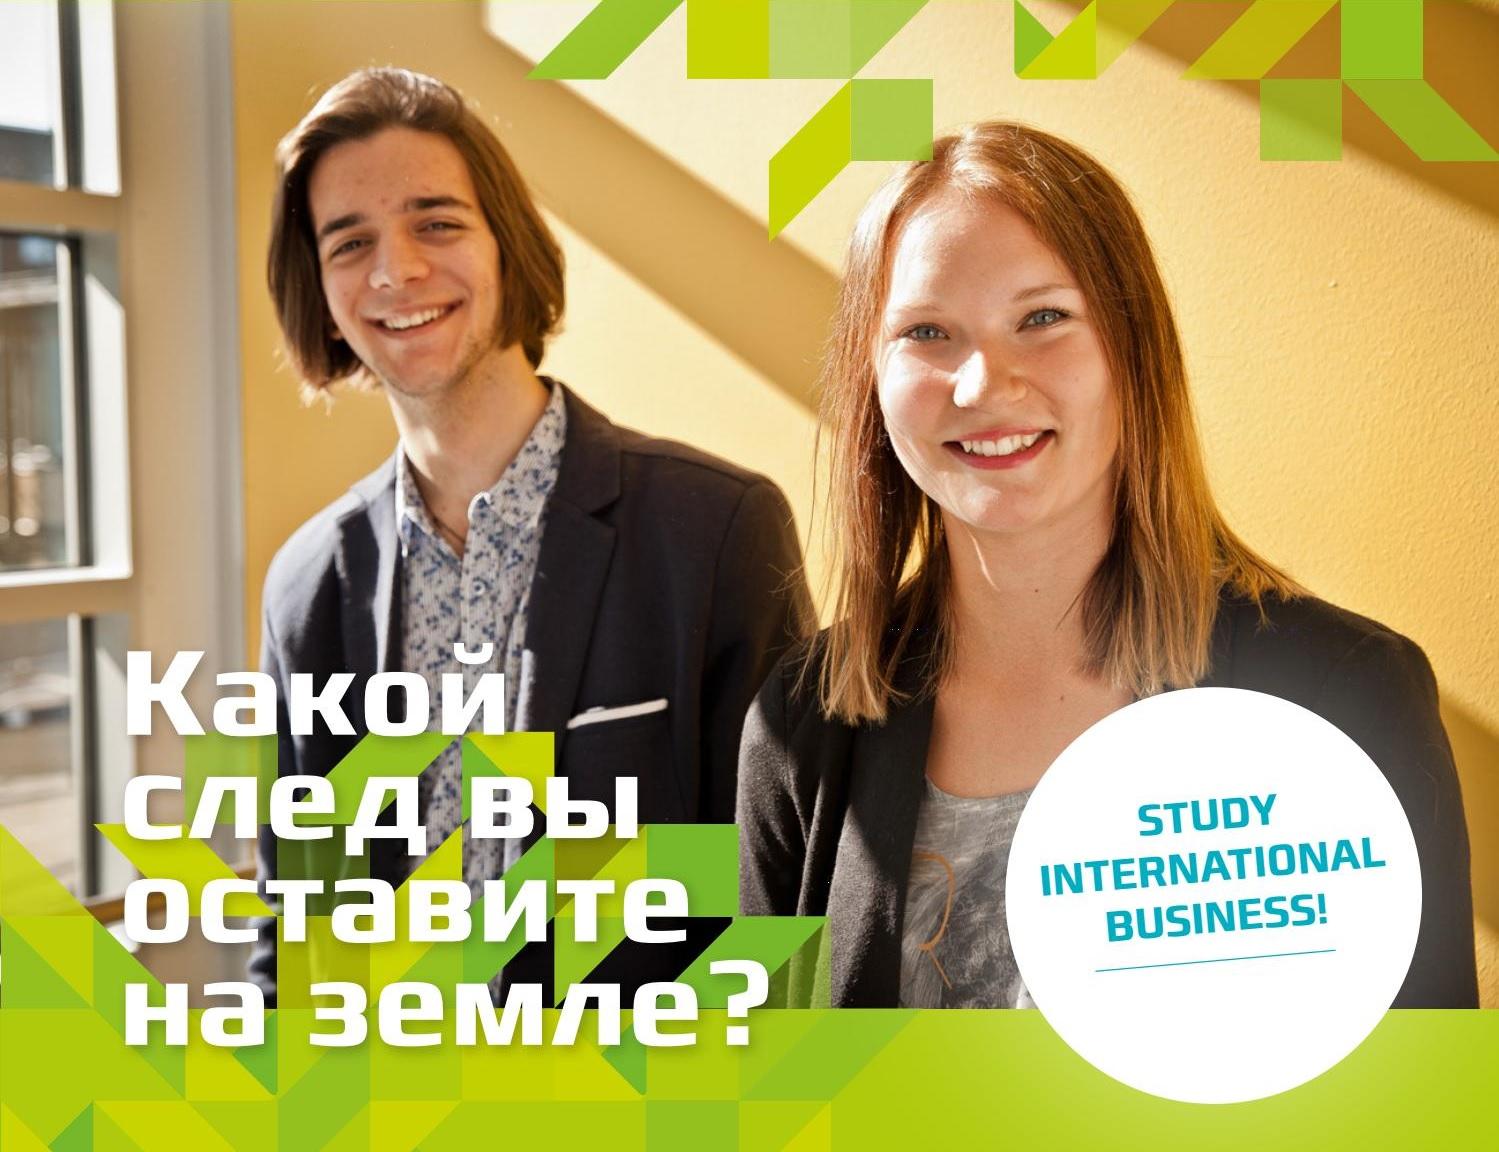 Университет Финляндии Карелия для русских студентов